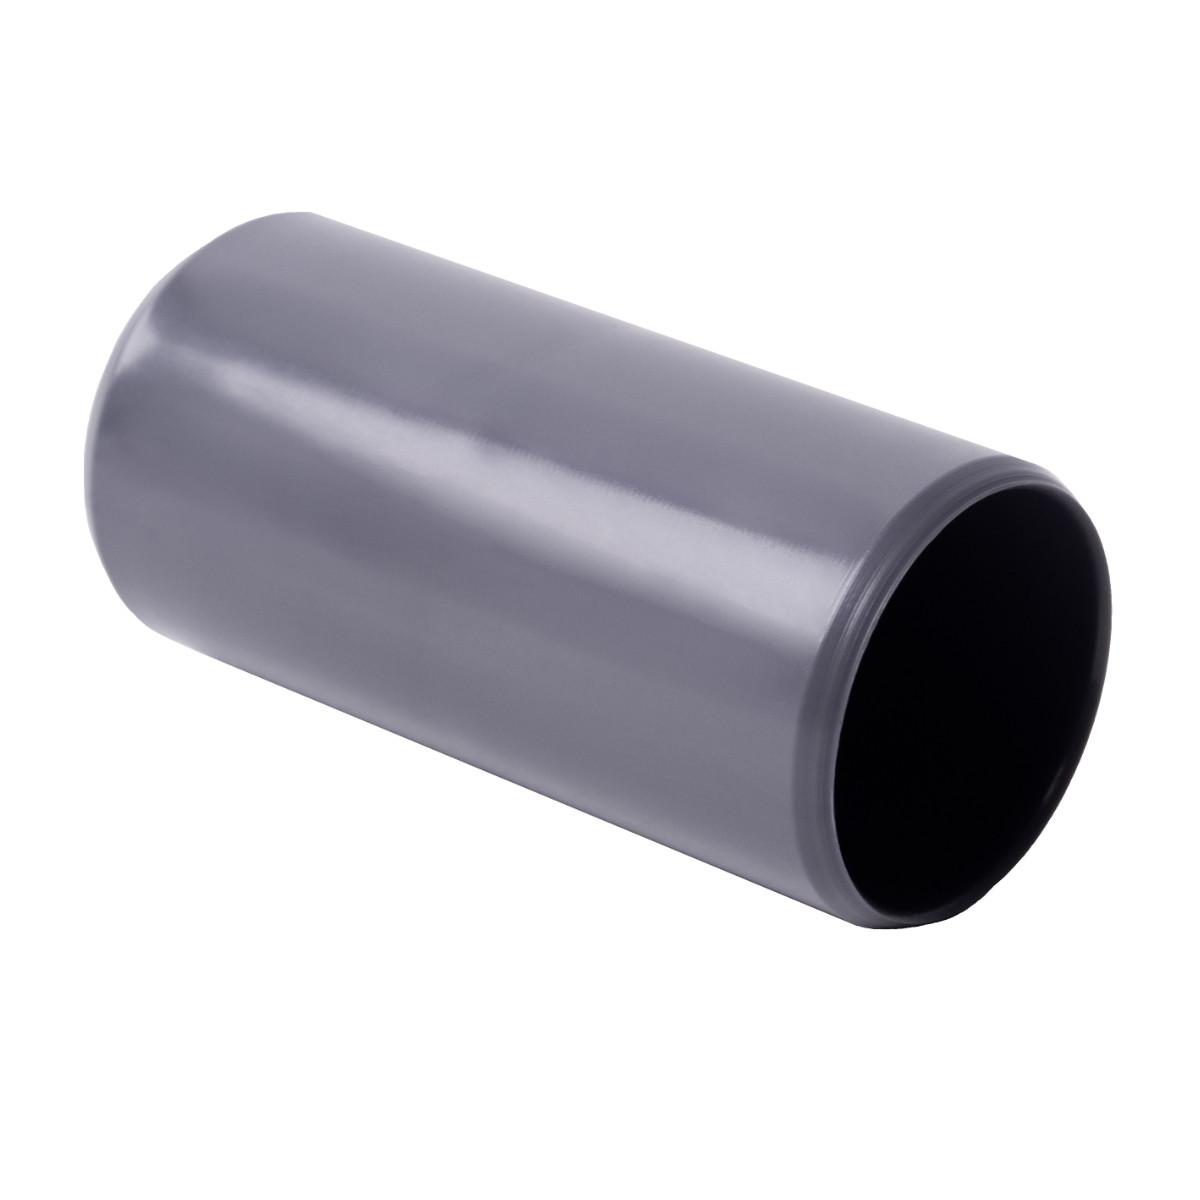 Муфта з'єднувальна для труби 50 мм; Ø50мм; ПВХ;; t застосування -25+60 °с; темно-сіра; Упаковка 10 шт